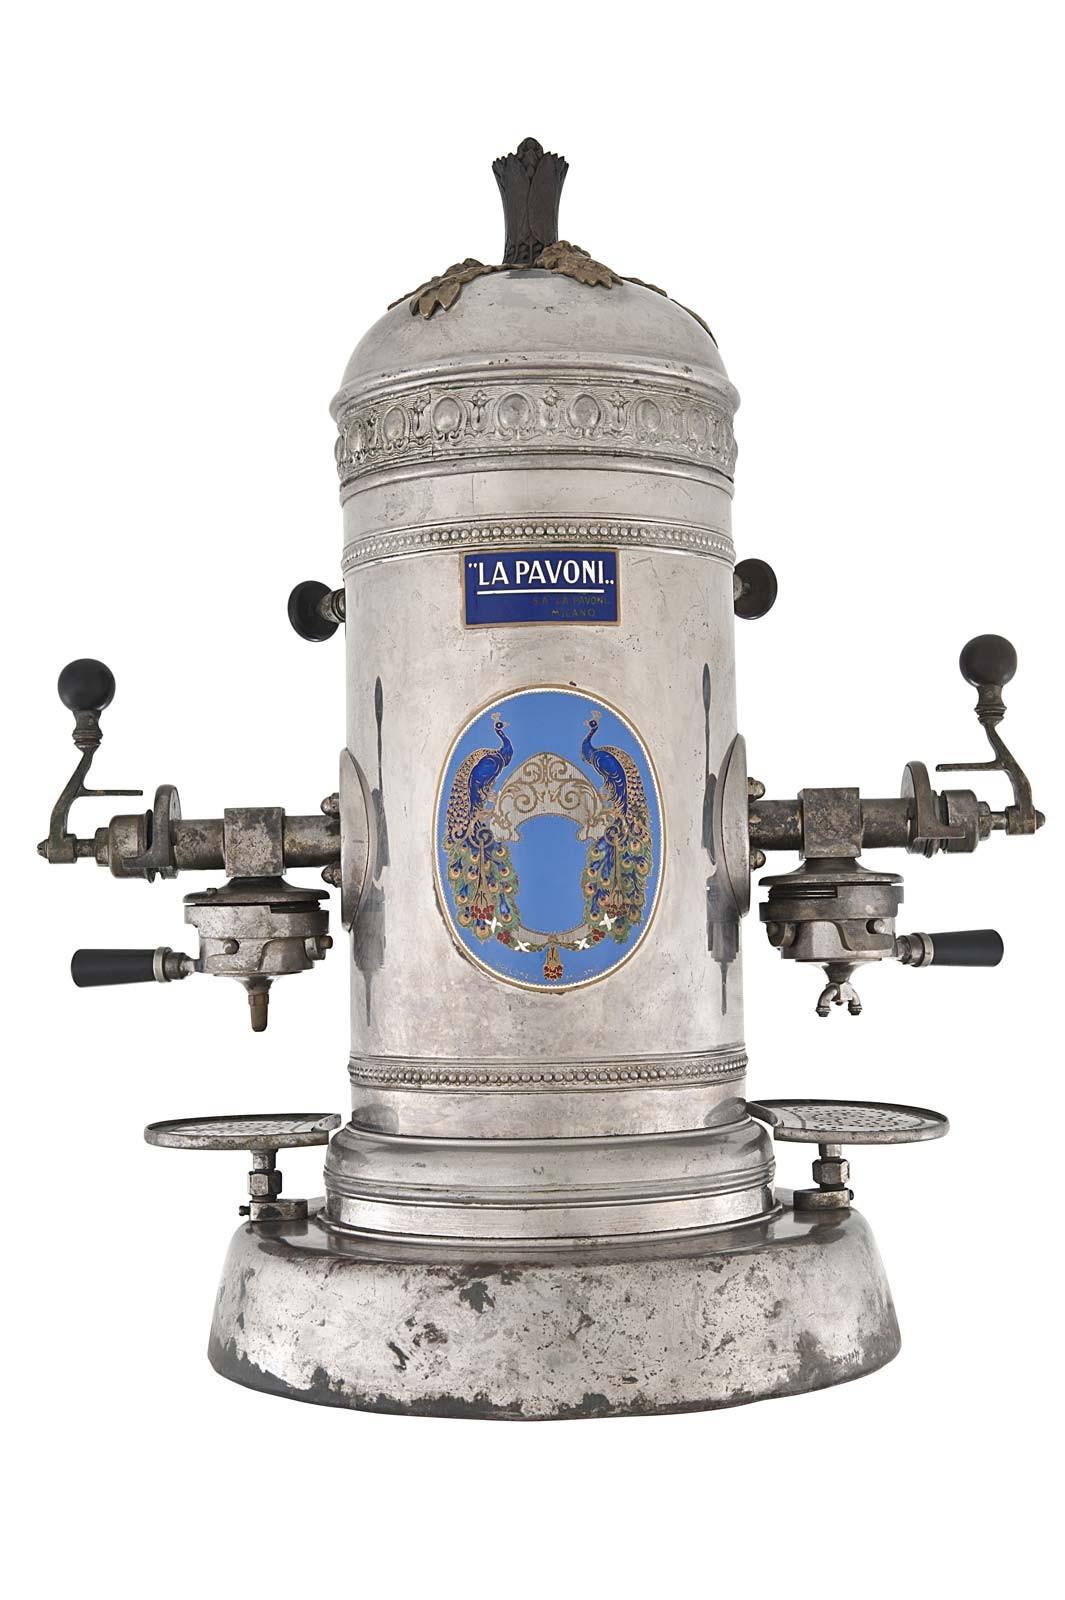 Caffettiera La Pavoni